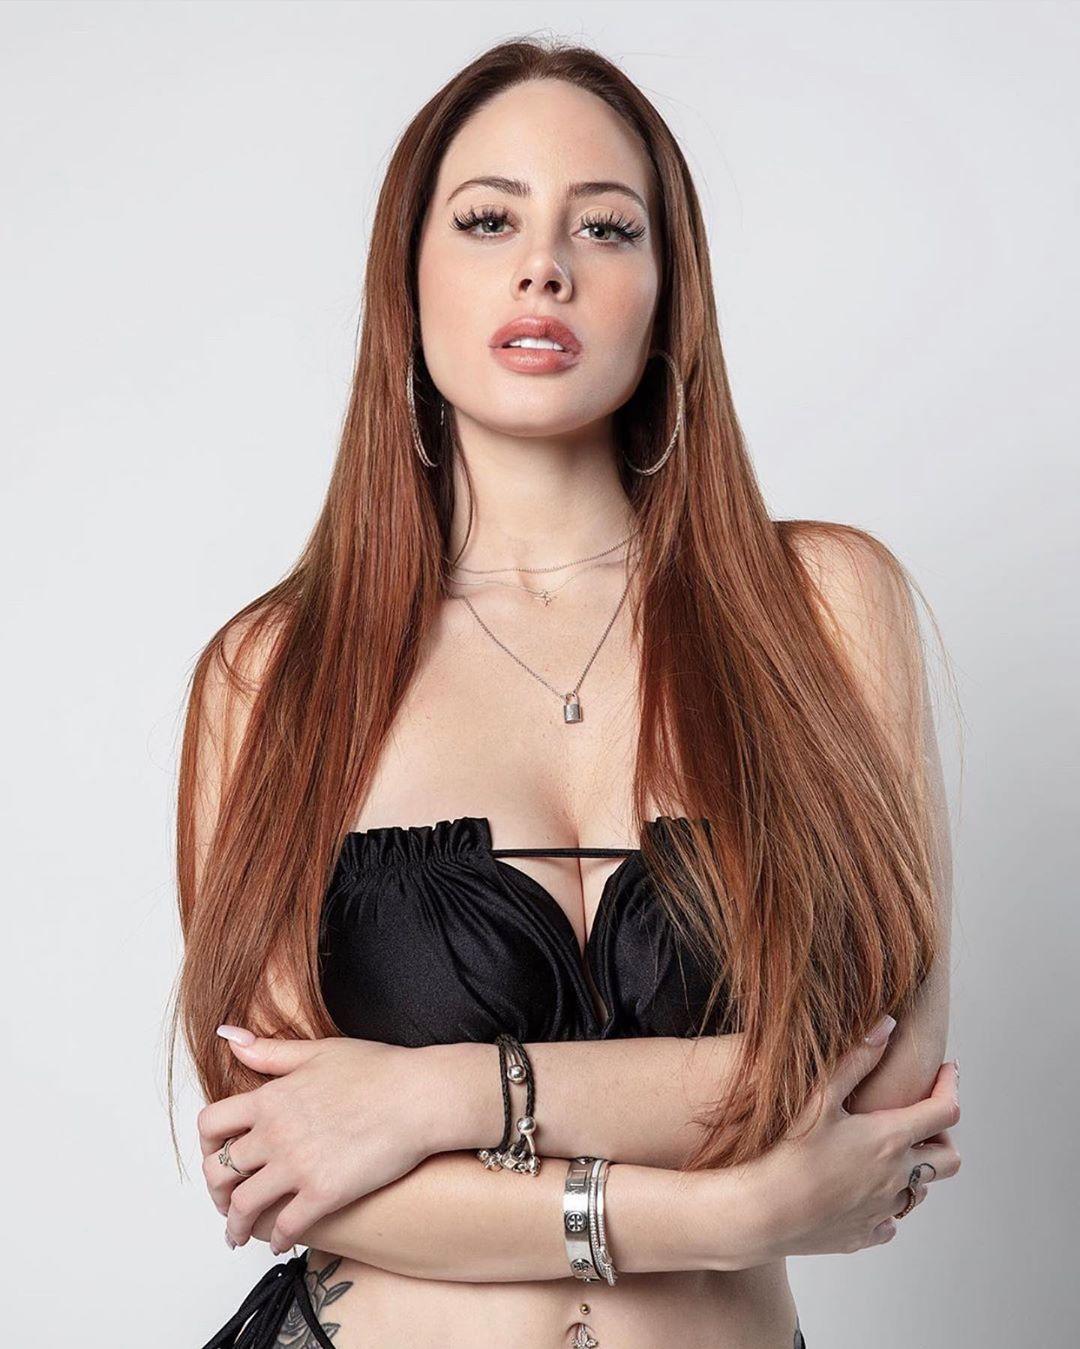 Nacha de Acapulco Shore muestra resultados de su alopecia